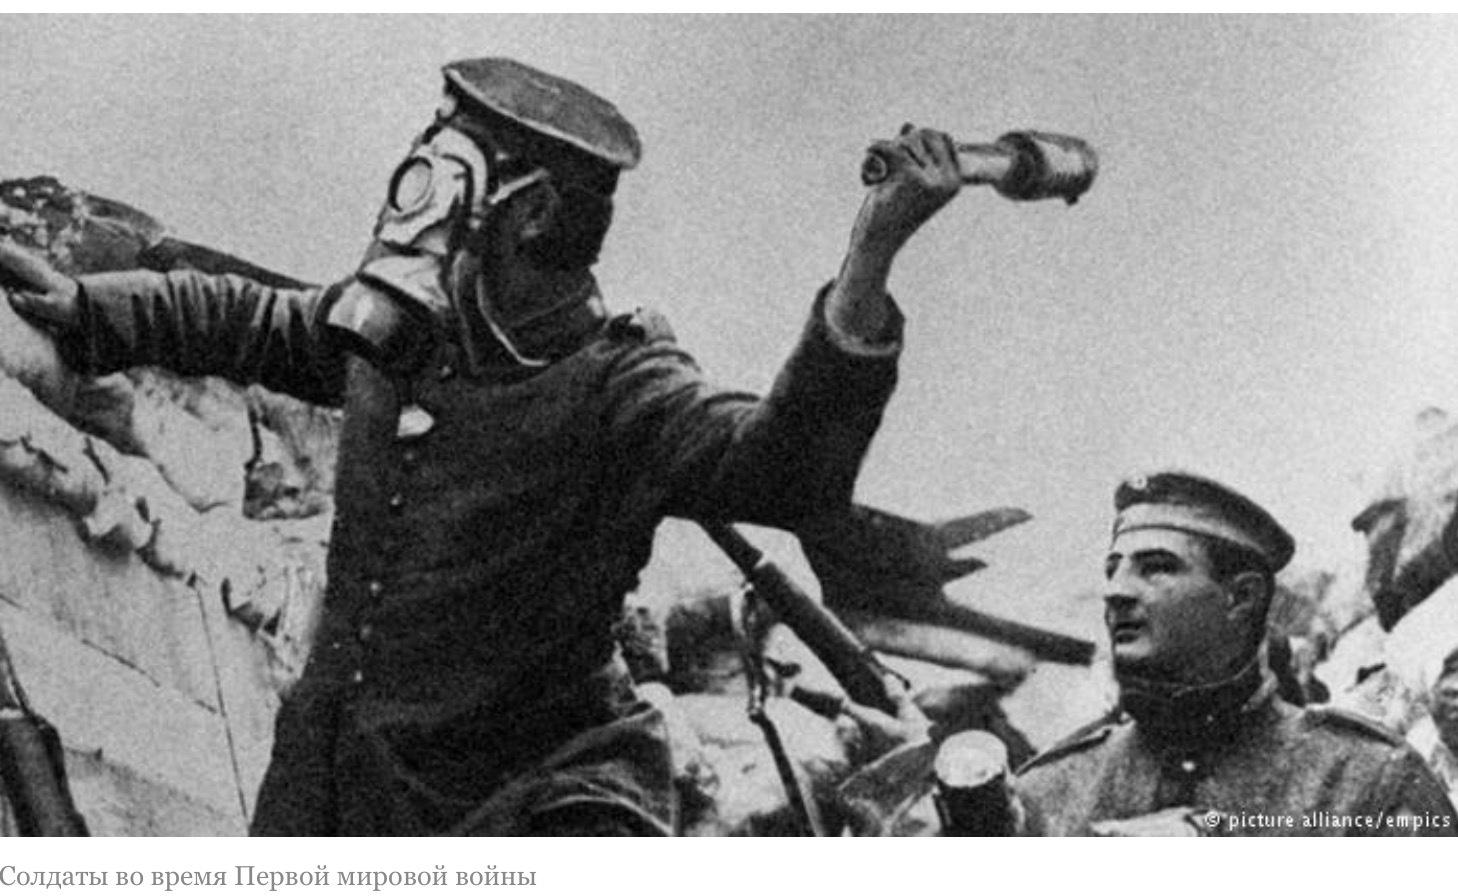 использование химического оружия в первой мировой войне